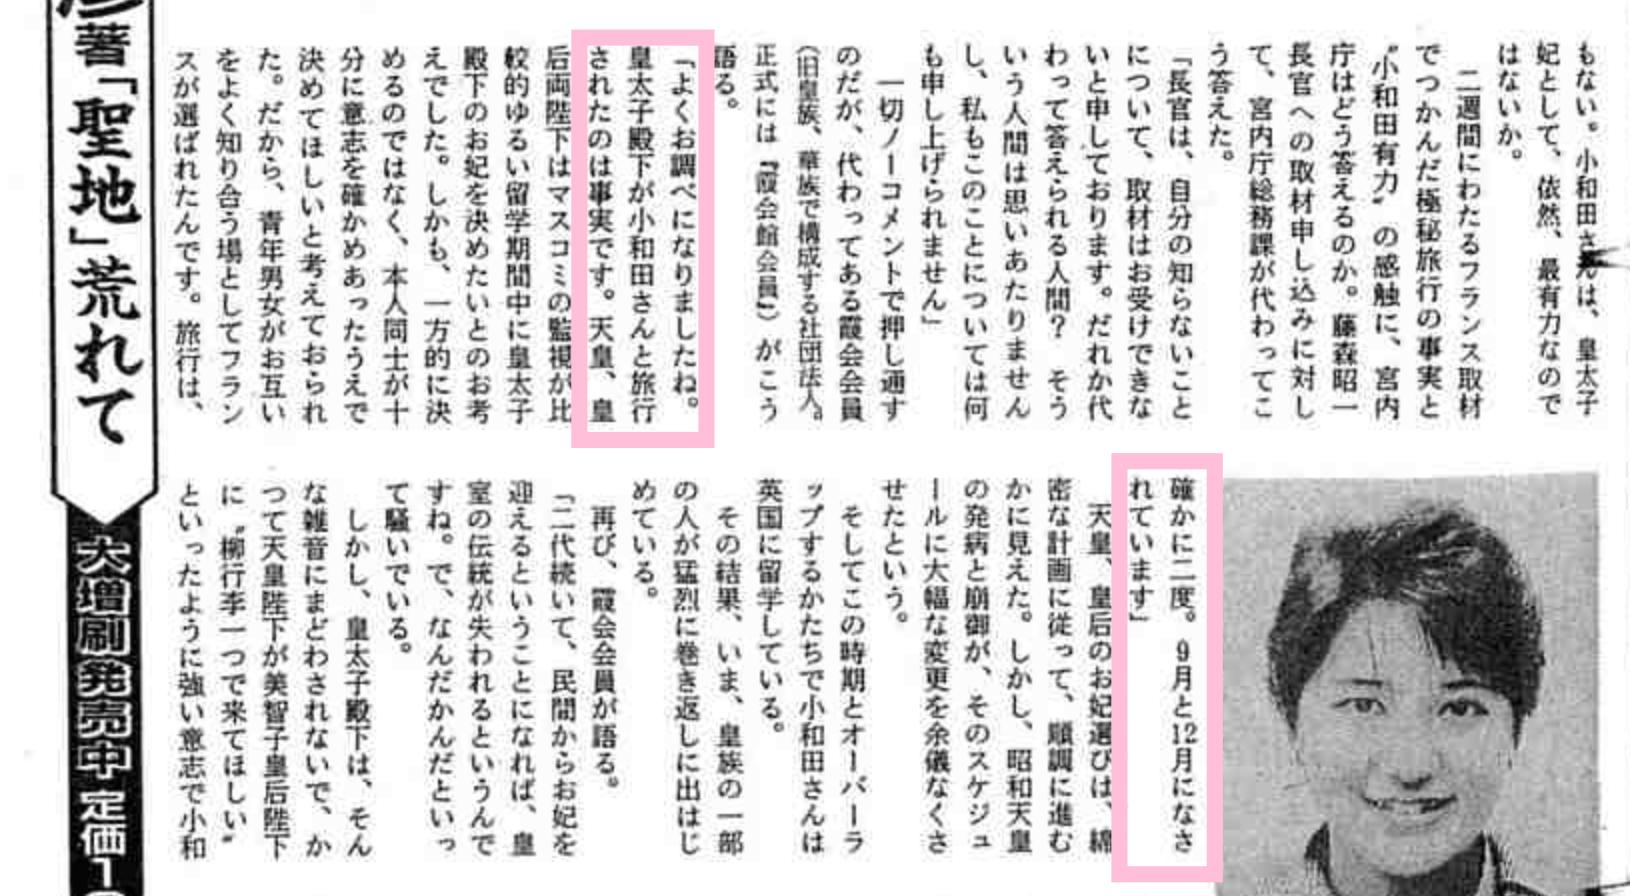 雅子さま,週刊誌,画像